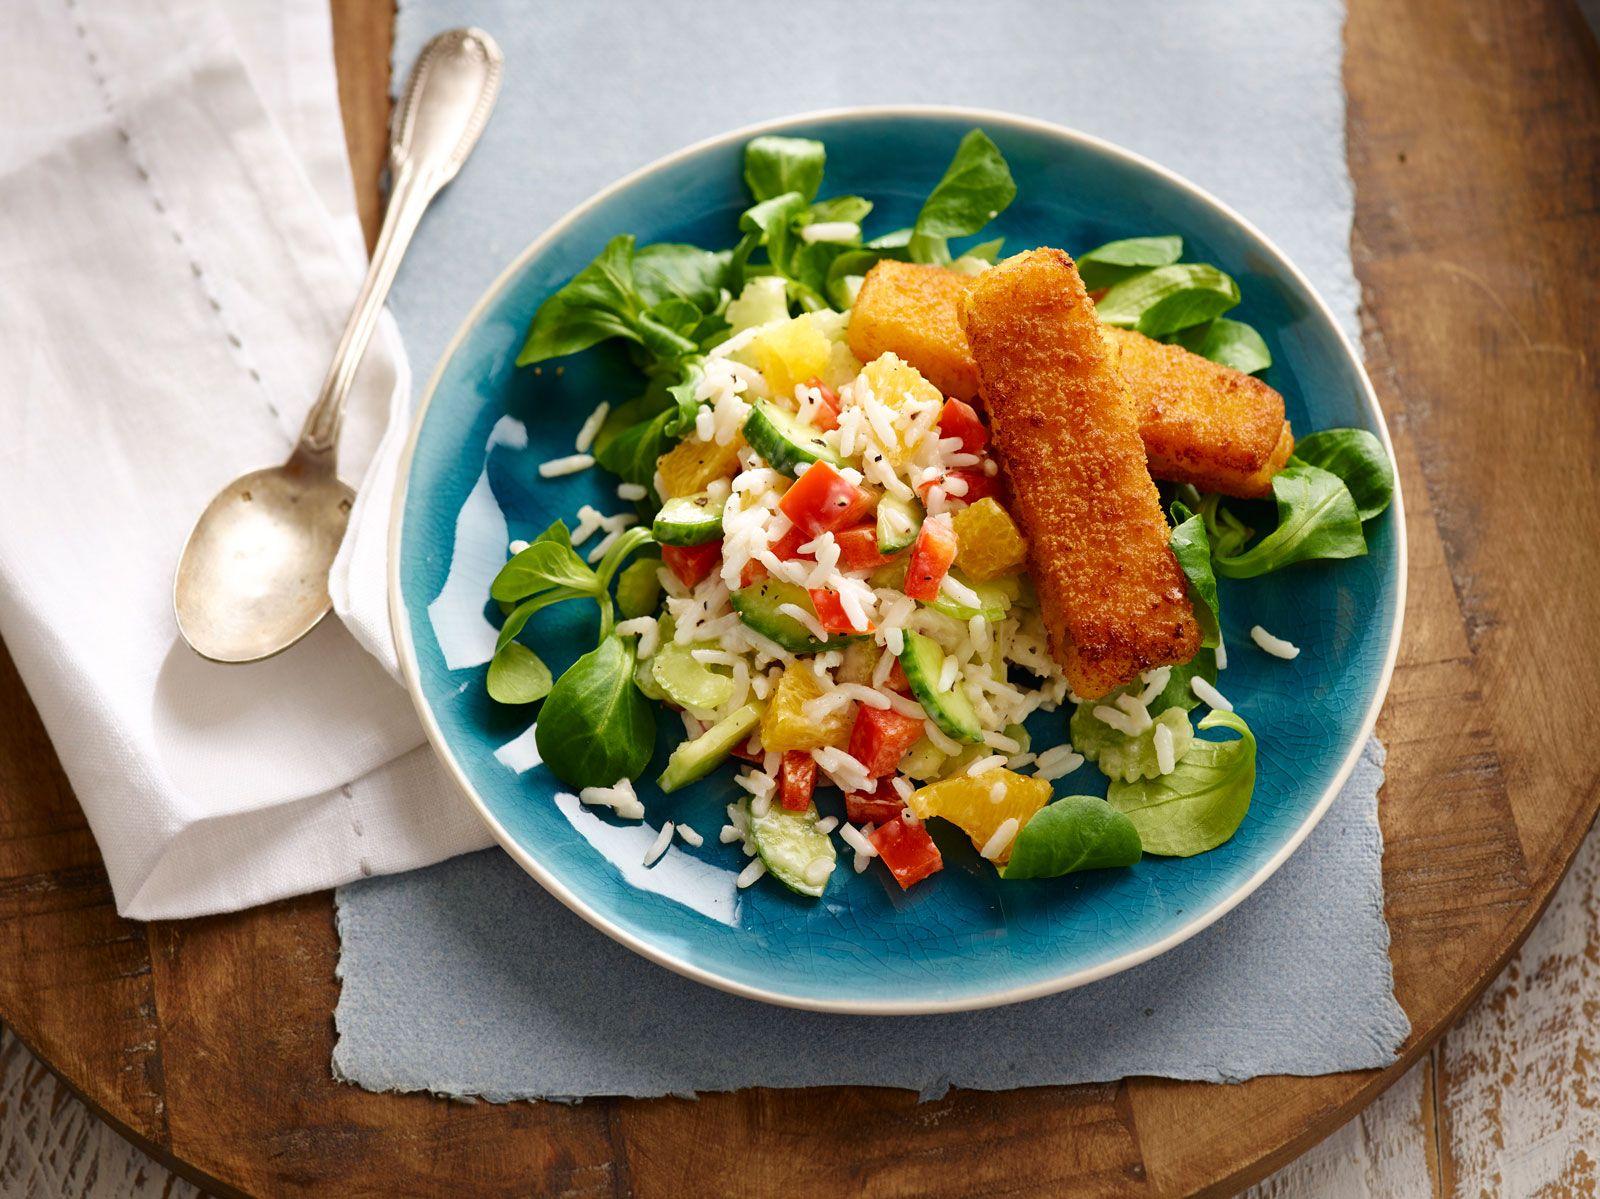 Salade de riz colorée aux fishsticks. #salade #riz #coloree #fishsticks #poisson #bosto #inspiration